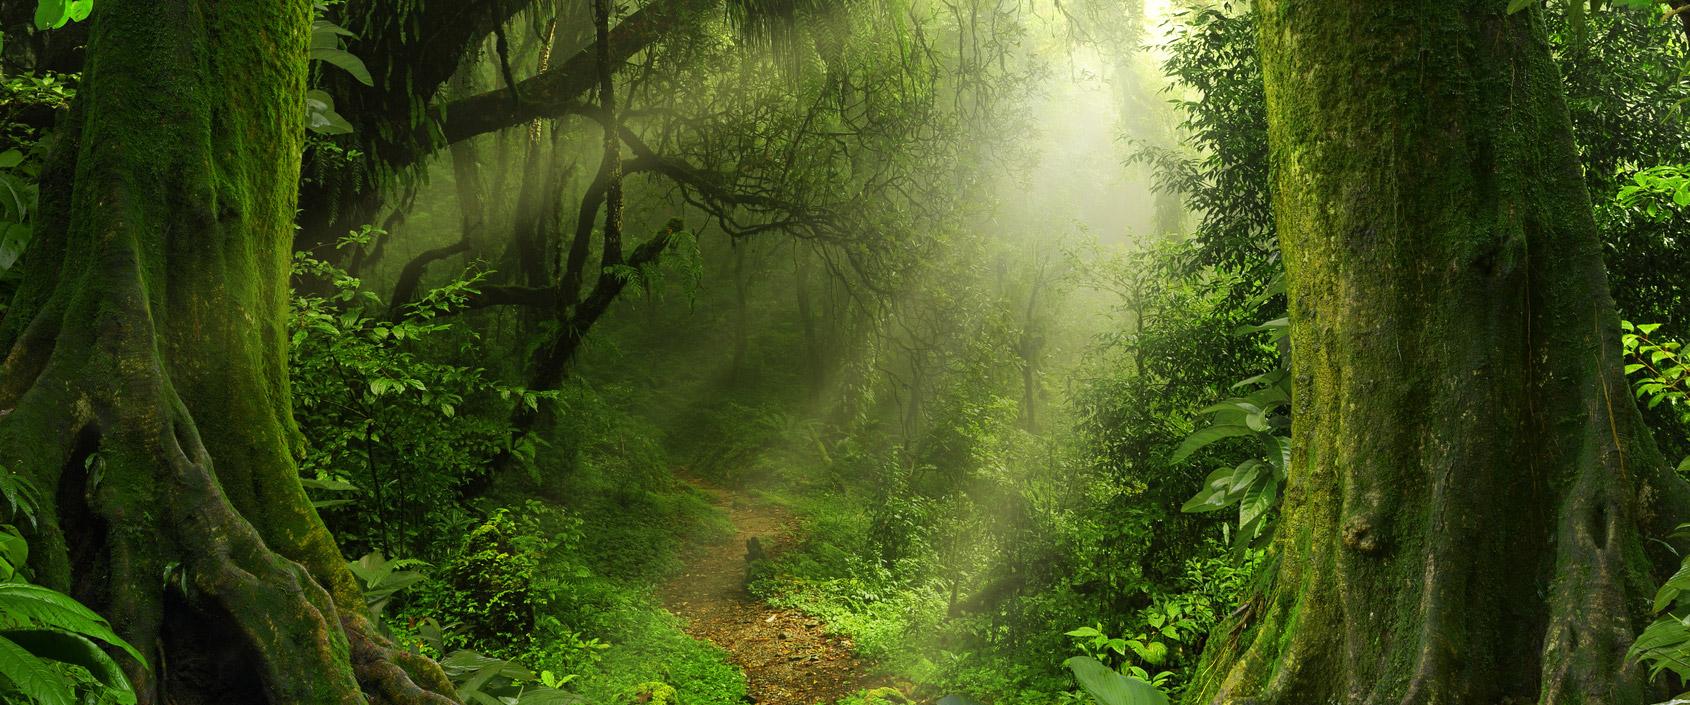 Fühlen Sie sich verloren im Steuer-Dschungel?